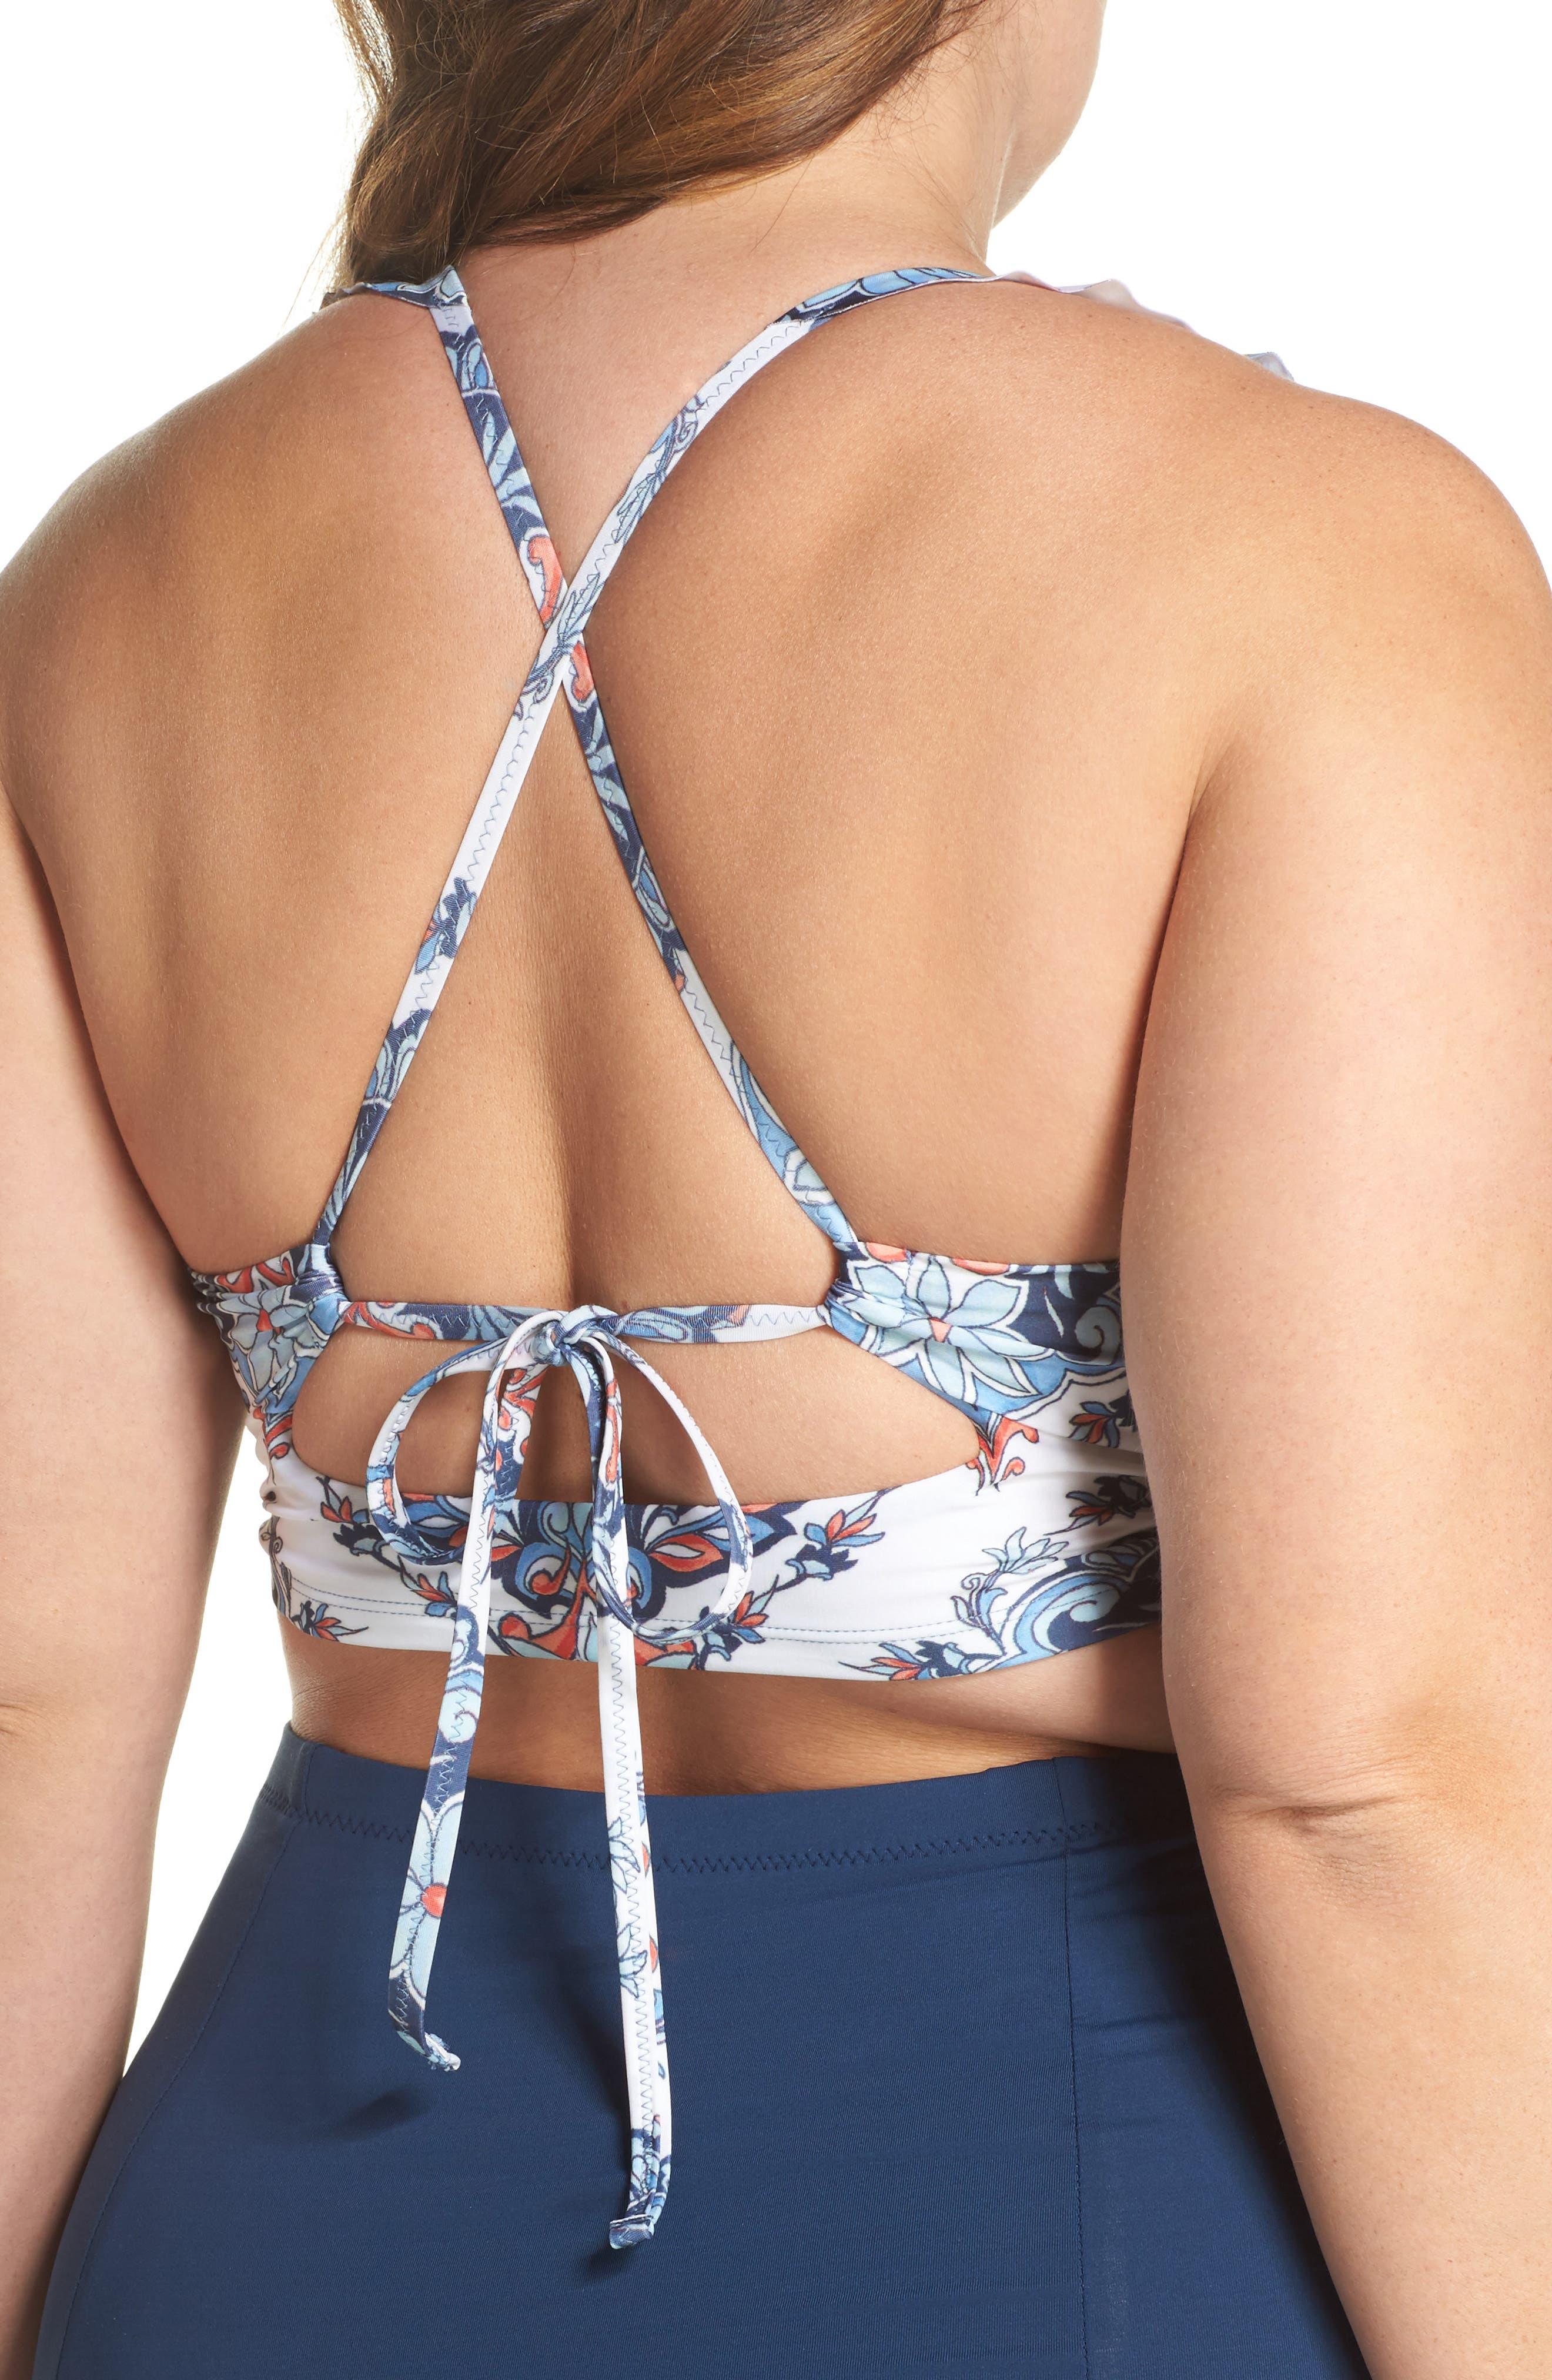 Naples Ruffle Bikini Top,                             Alternate thumbnail 2, color,                             Navy Multi